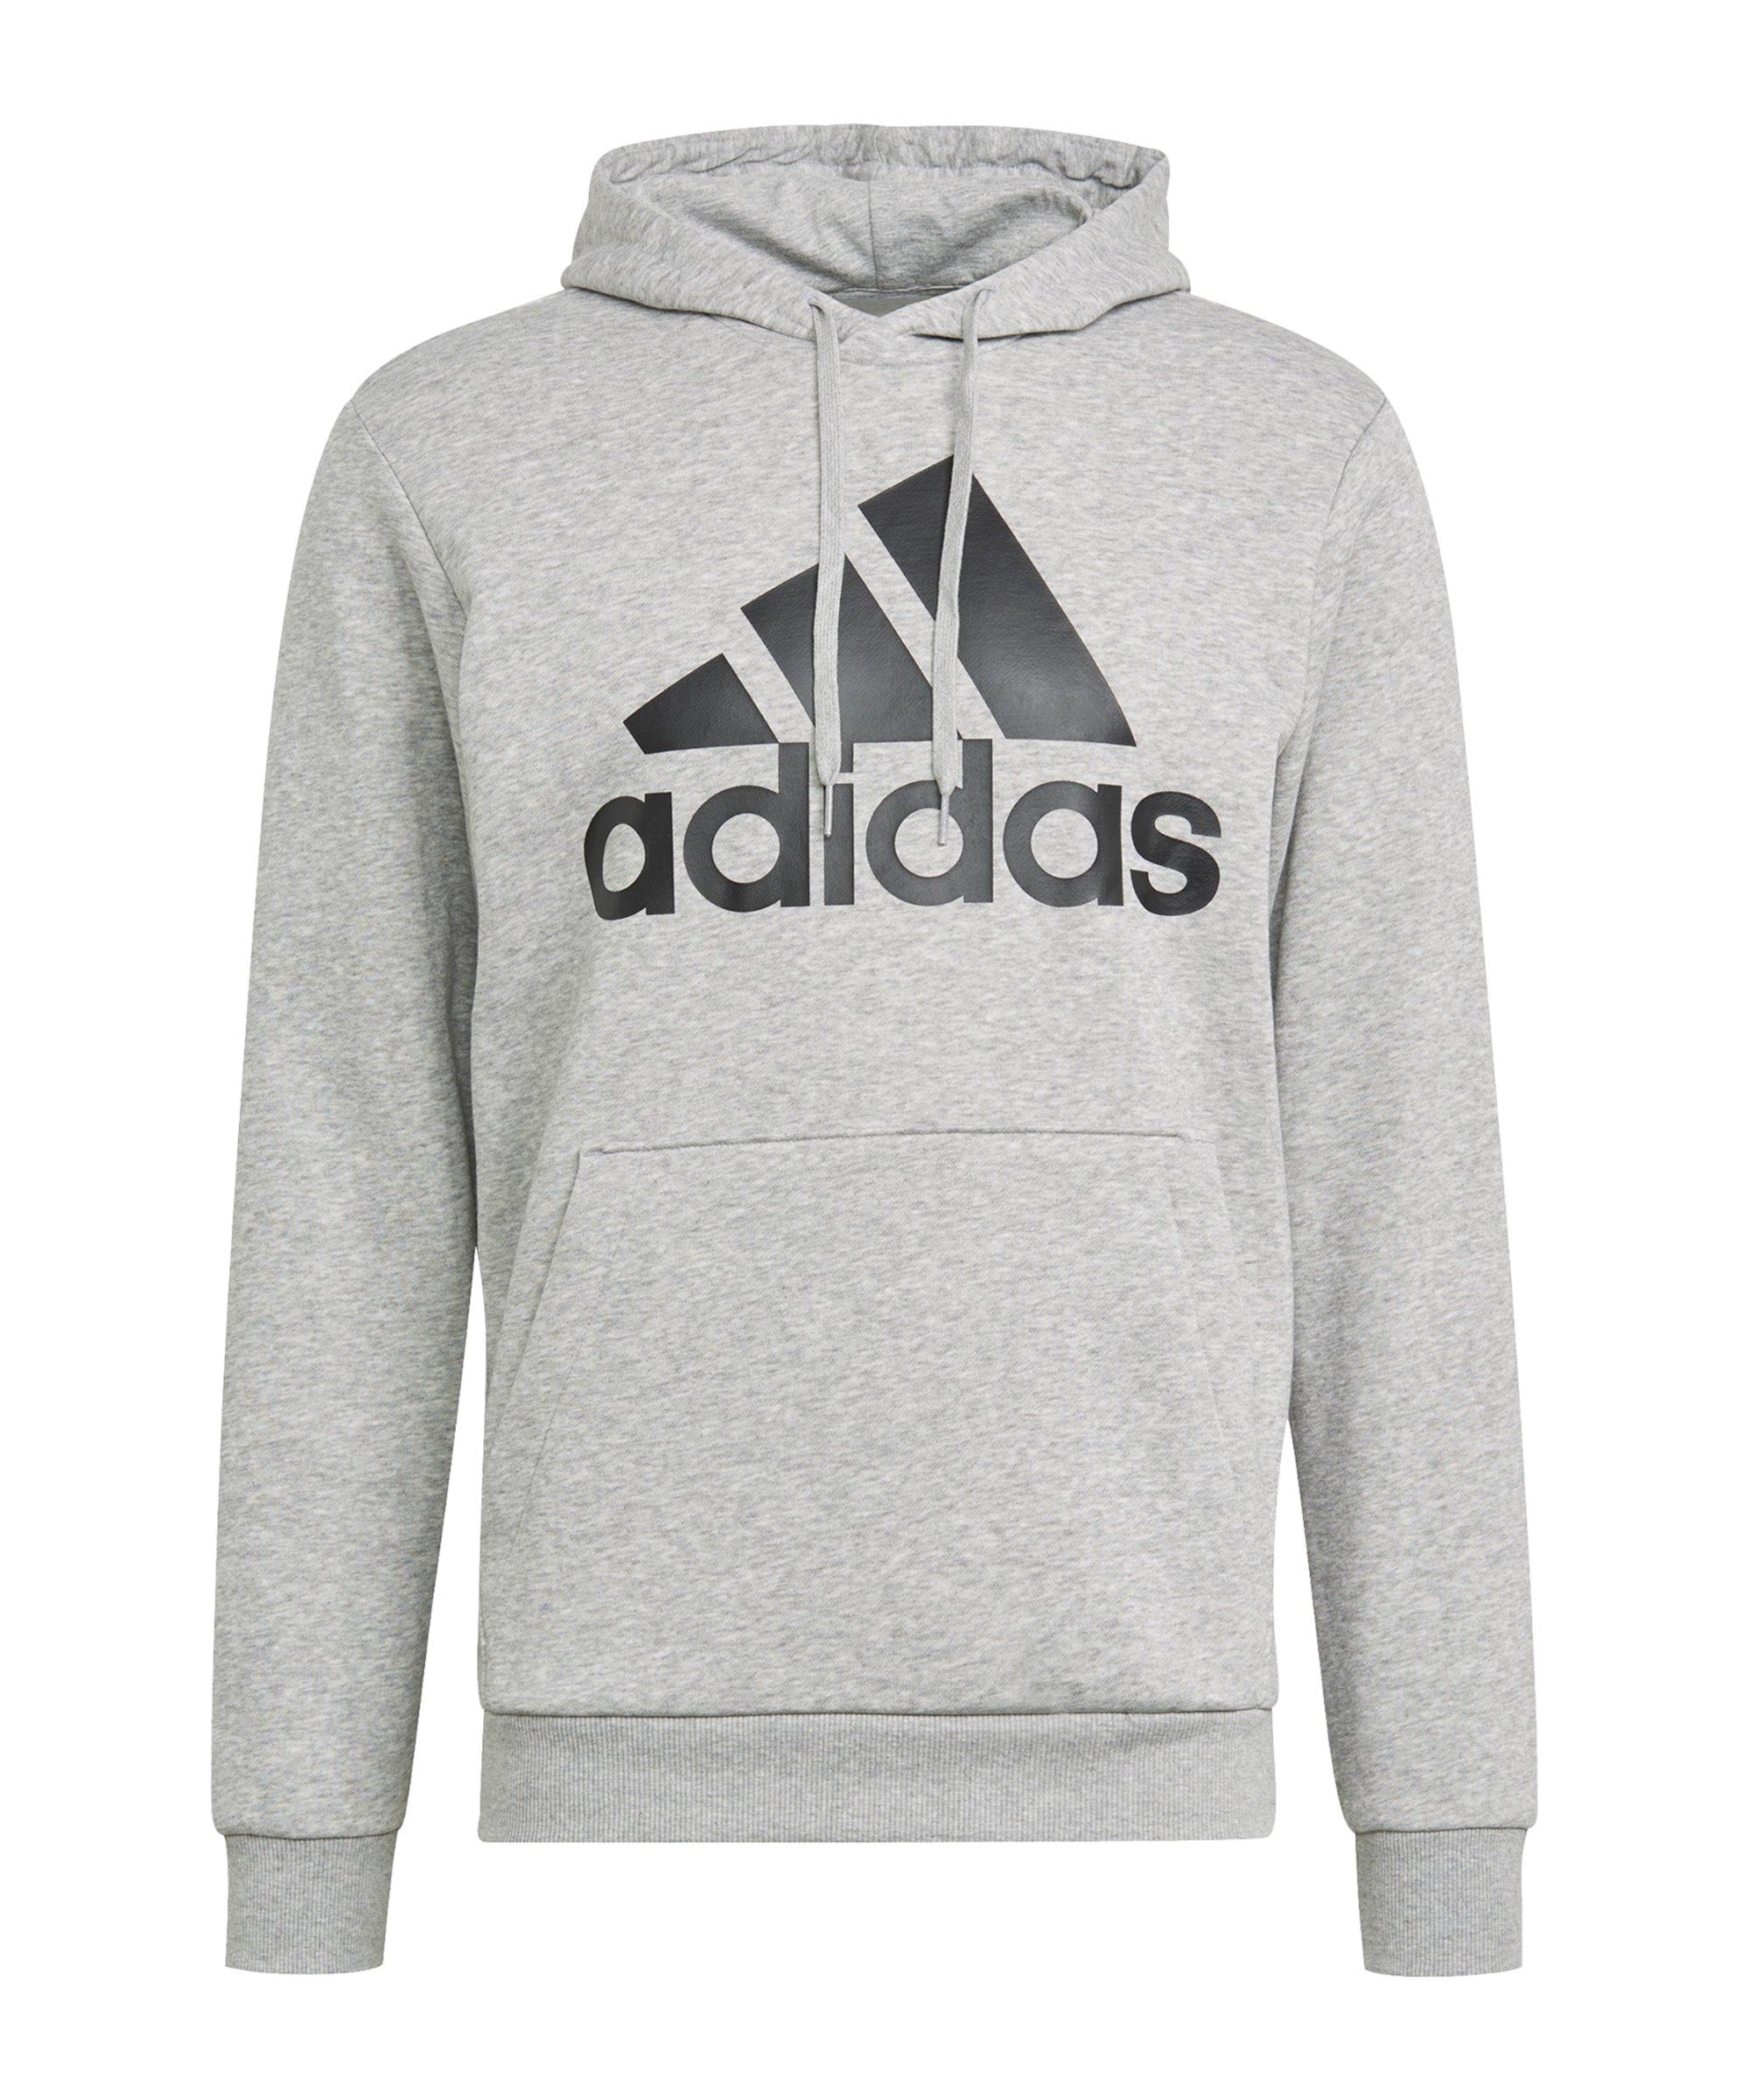 adidas Essentials Hoody Grau Schwarz - grau